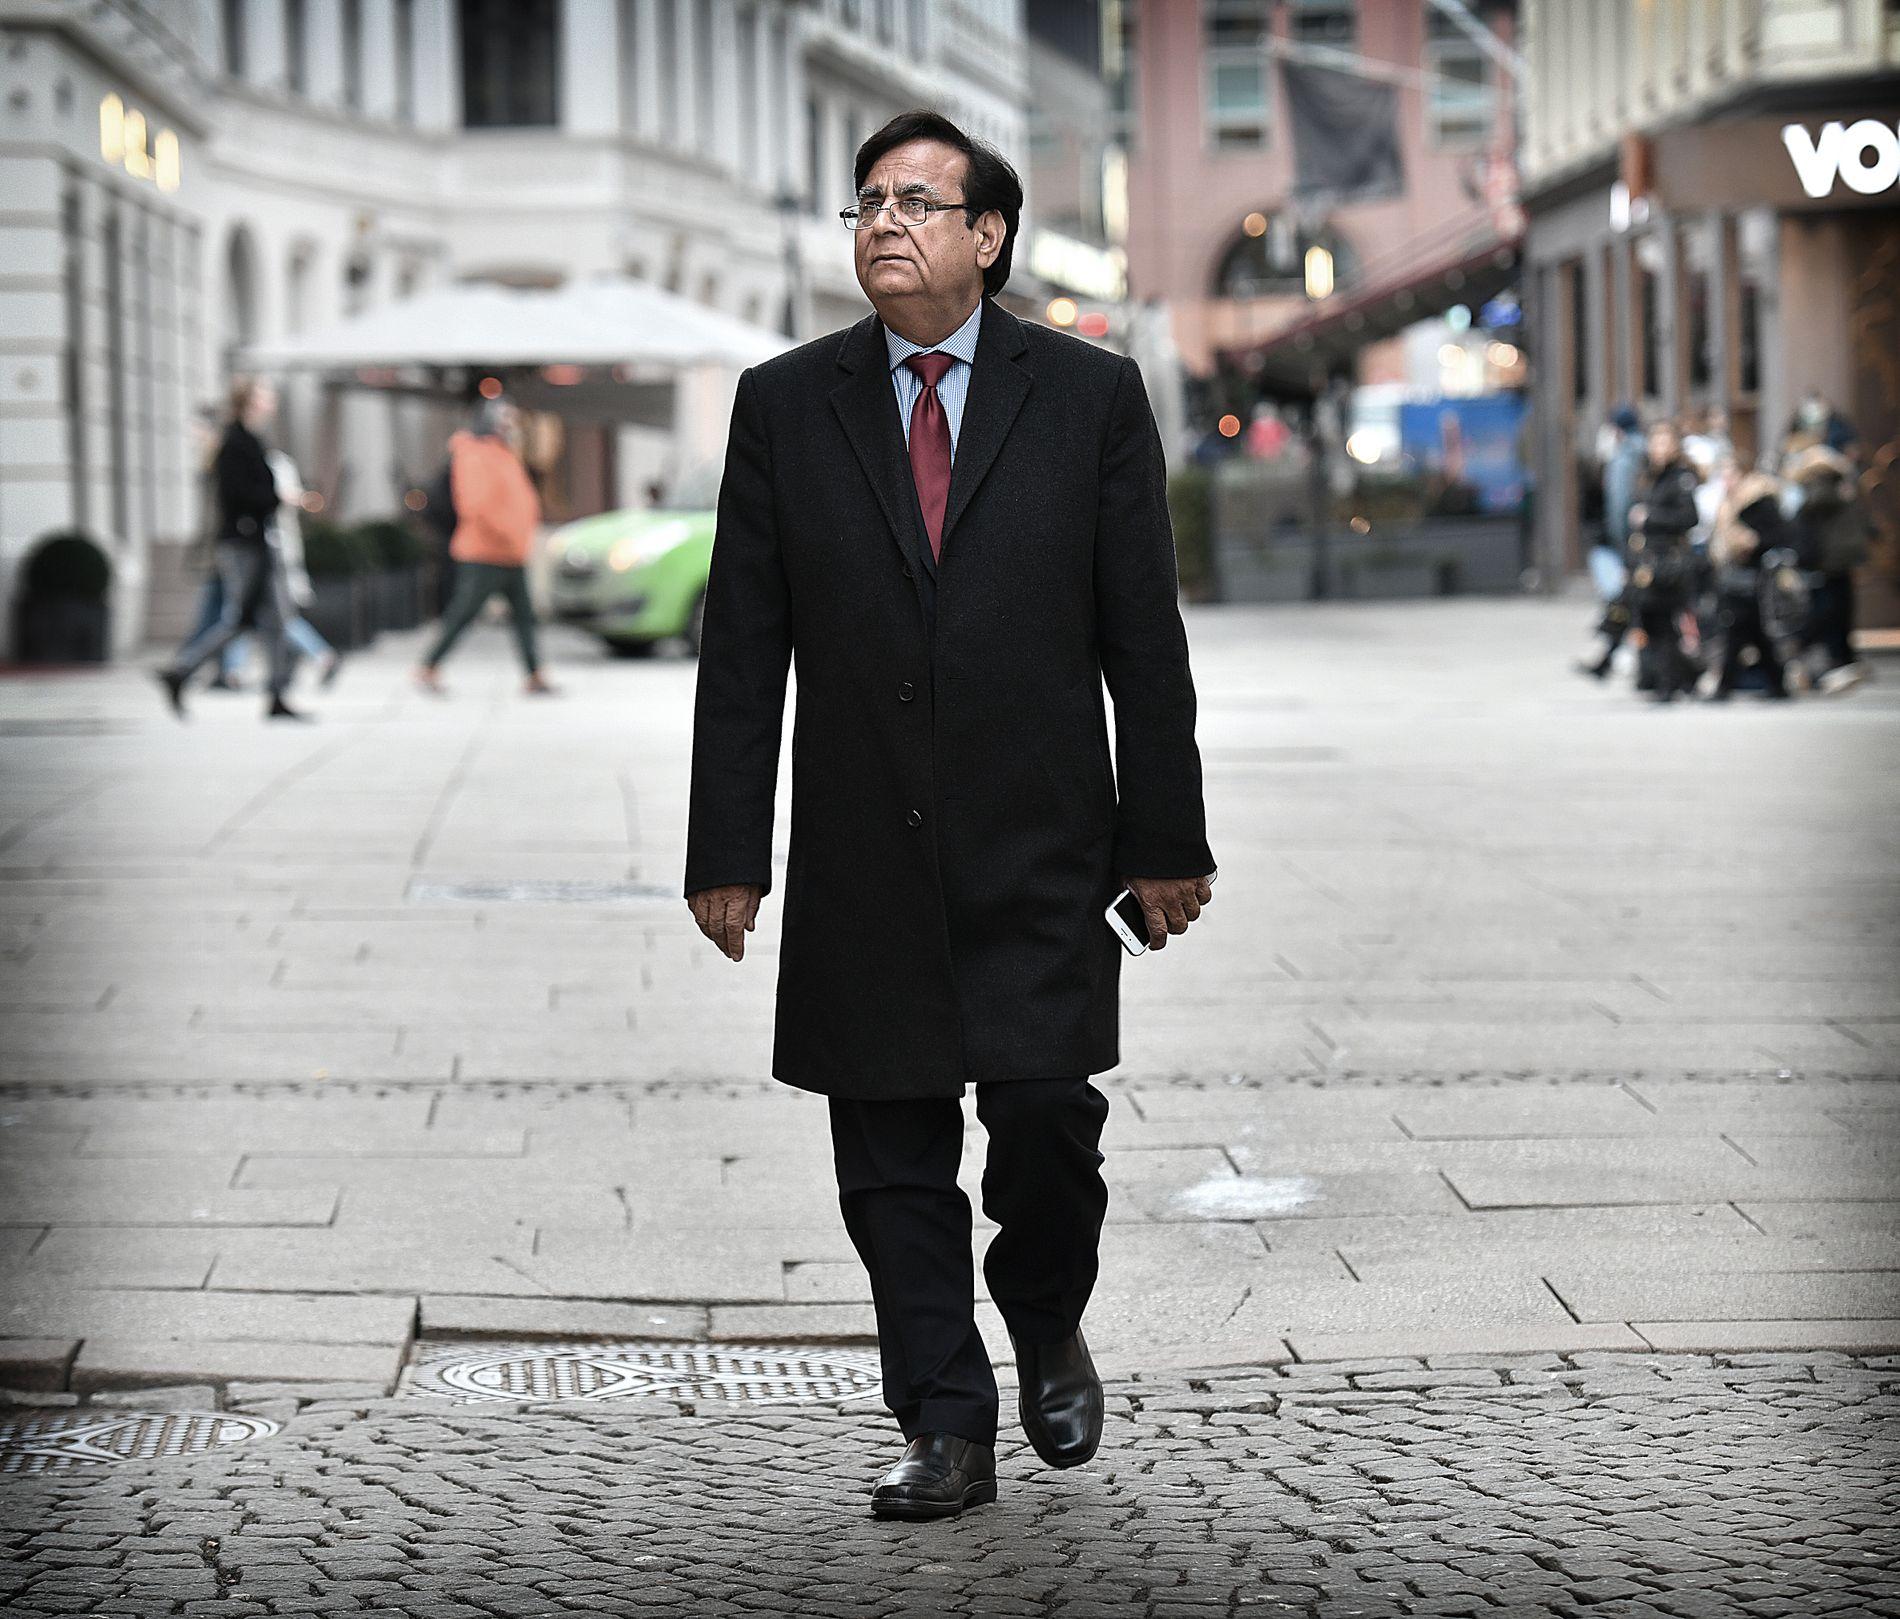 PÅ OSLO-BESØK: Den pakistanske advokaten Saif-ul Mulook (63) besøker Oslo etter invitasjon fra misjons- og menneskerettighetsorganisasjonen Stefanusalliansen.